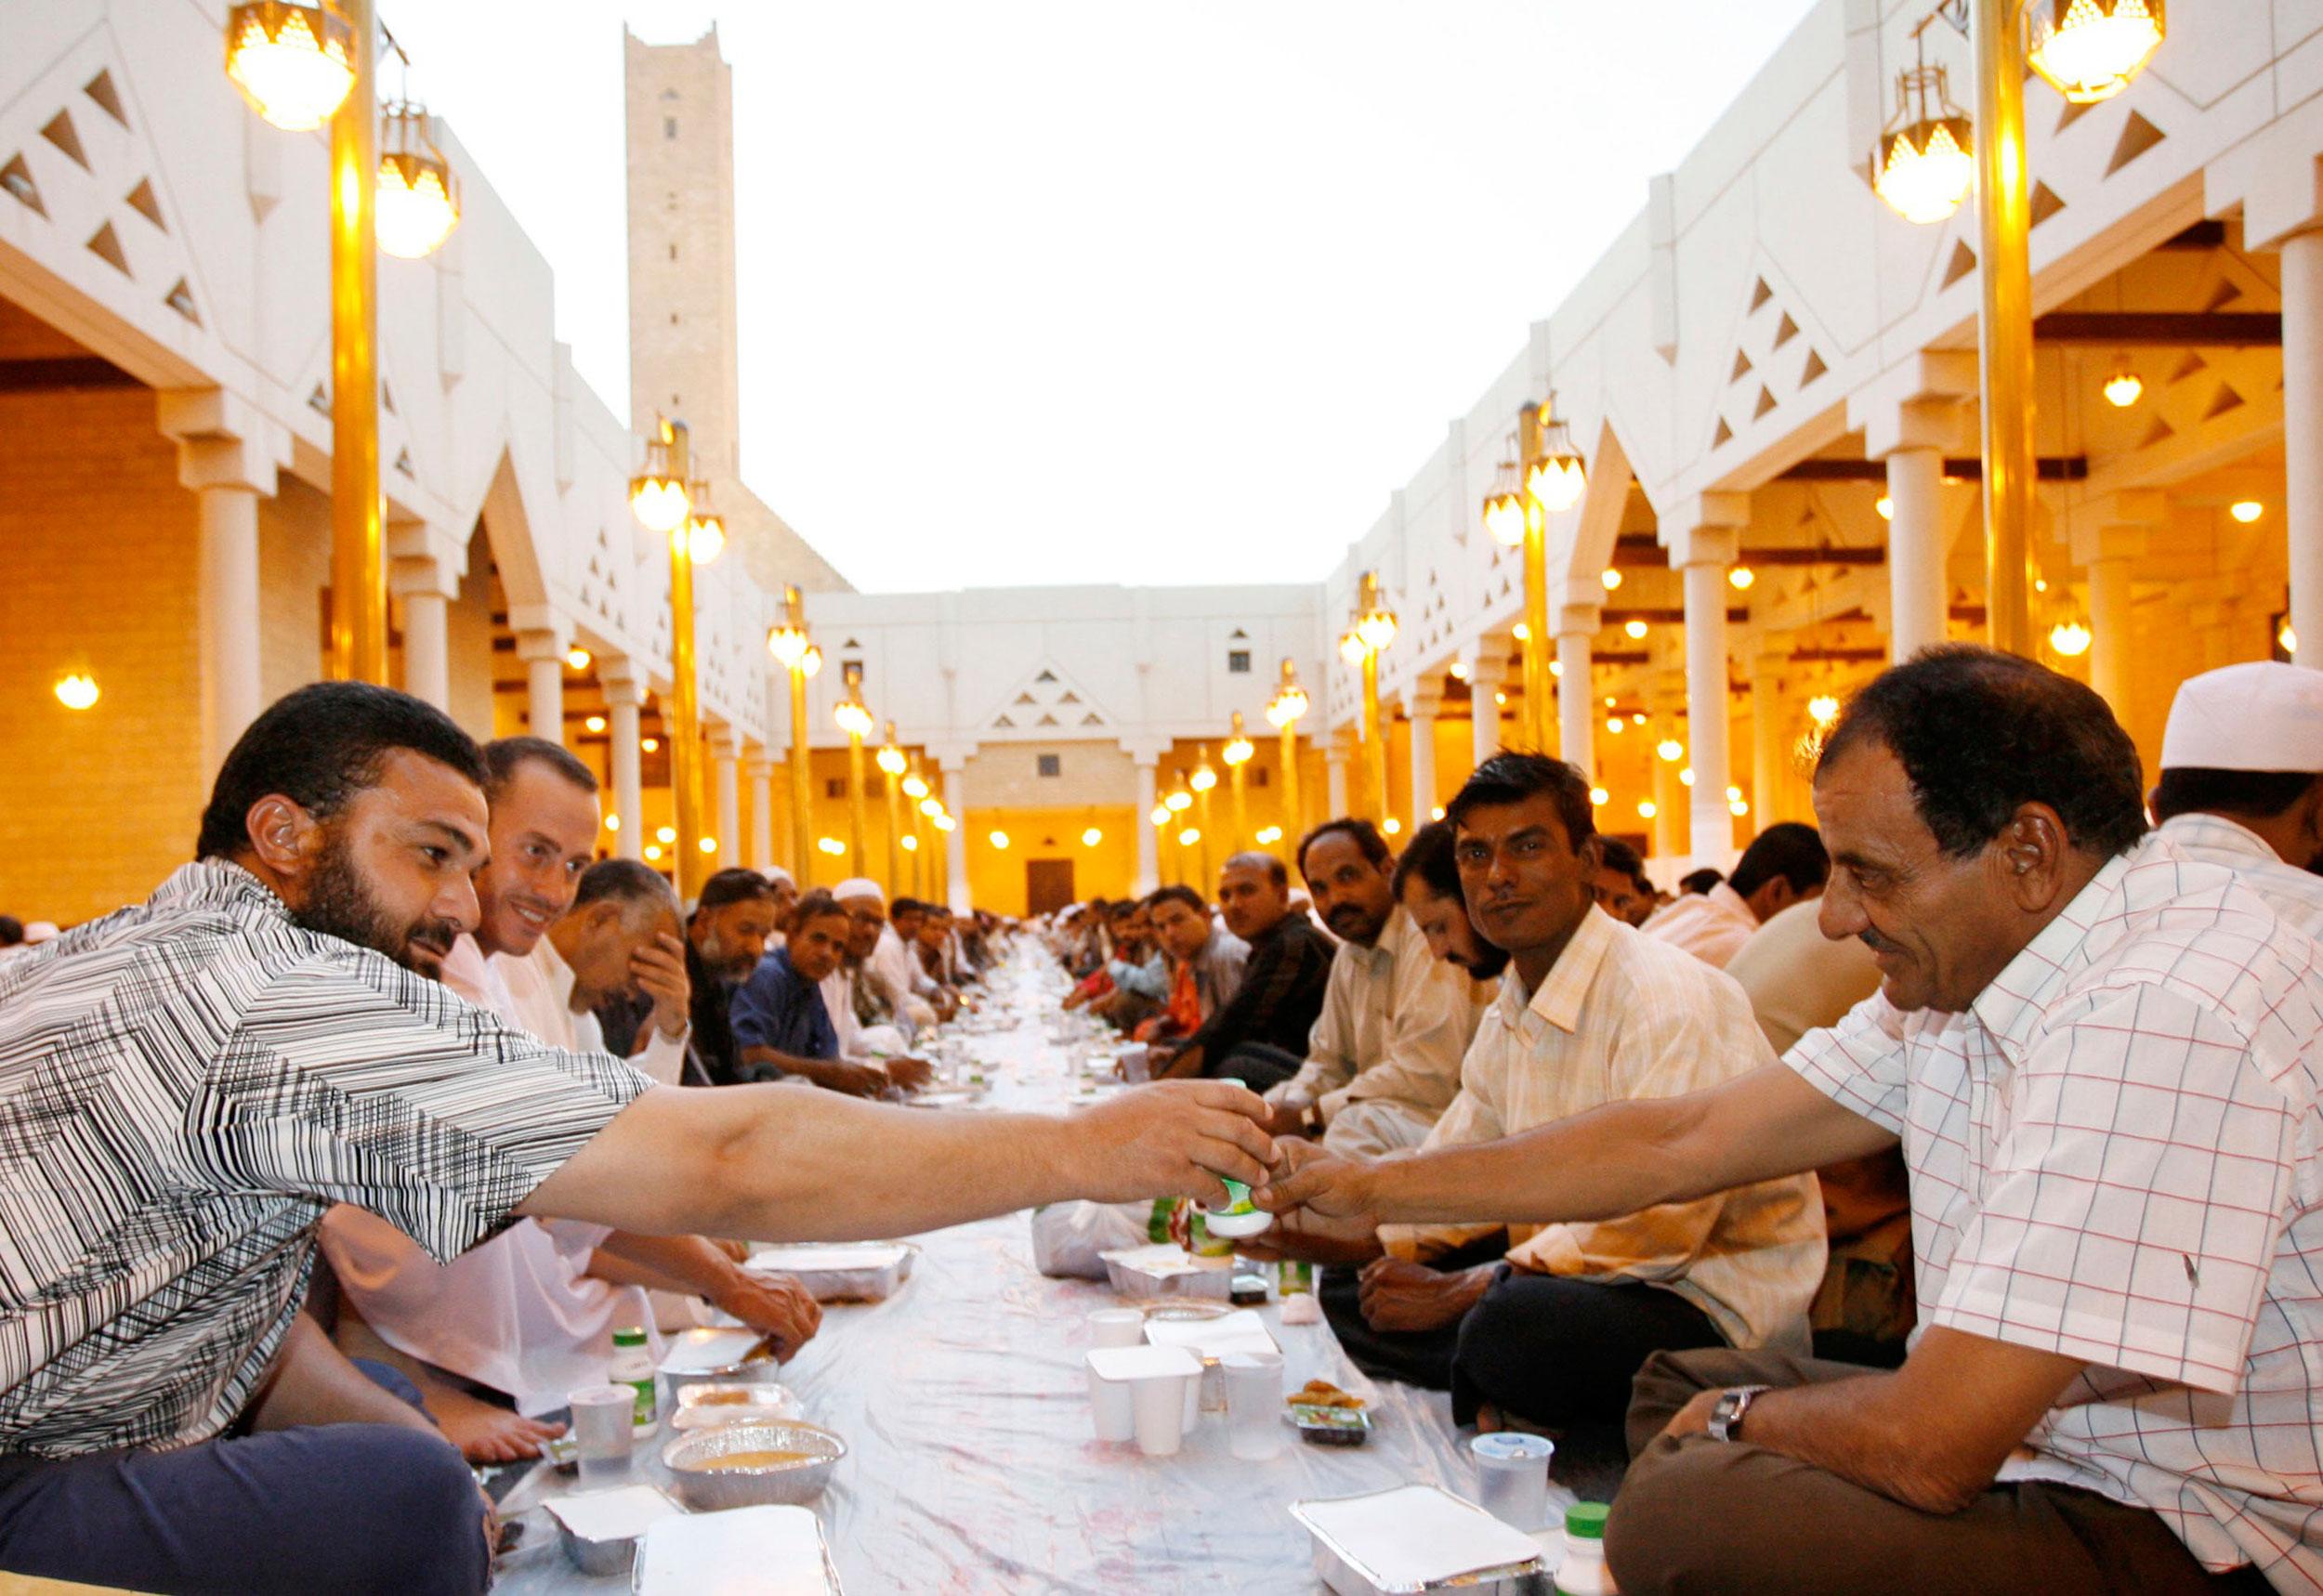 Картинки по запросу сунниты празднуют ашуру